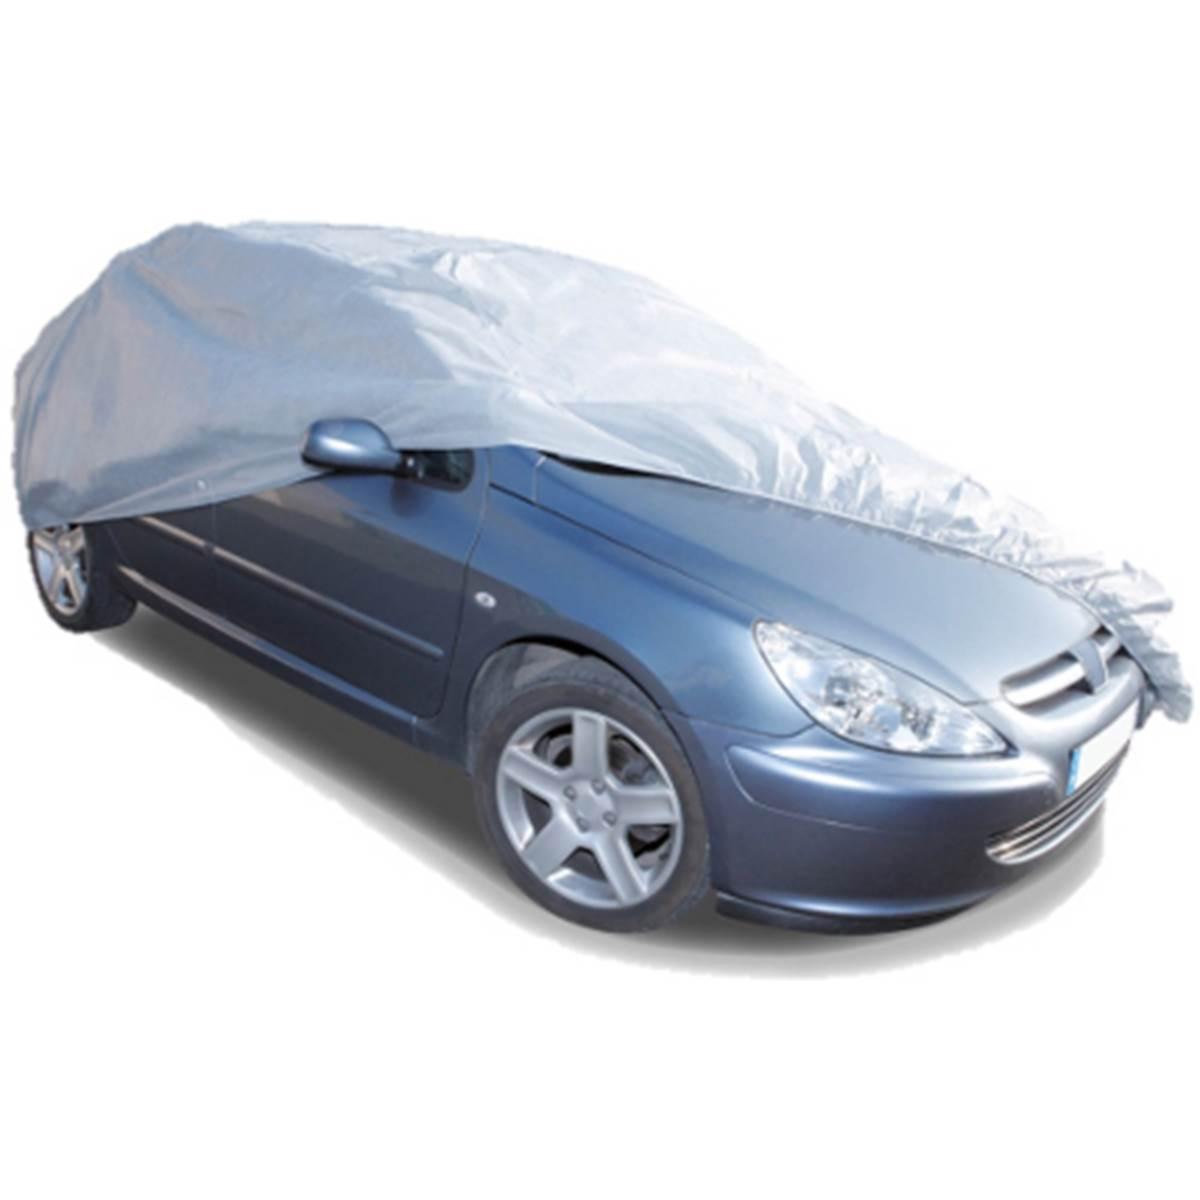 Housse de protection carrosserie Taille L